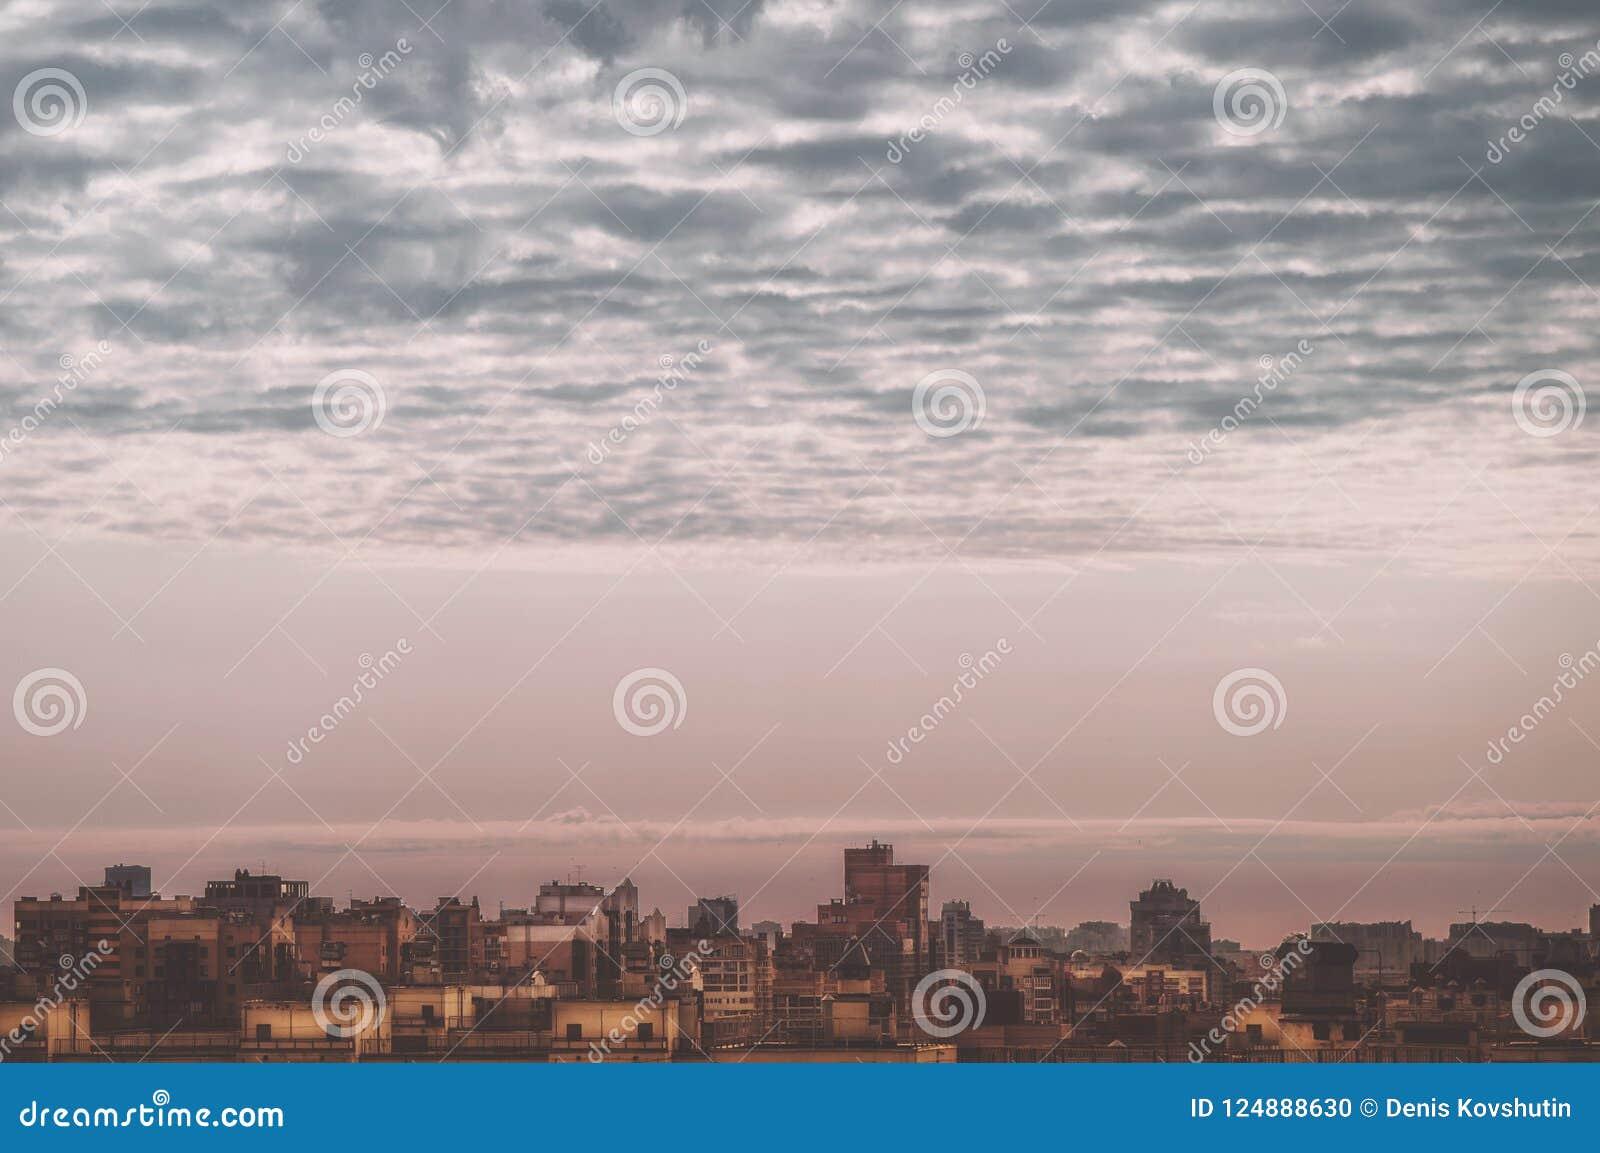 Menings grote megalopolis onder de bewolkte hemel, woonwijken van de luchtmening van St. Petersburg van de daken van de huizen